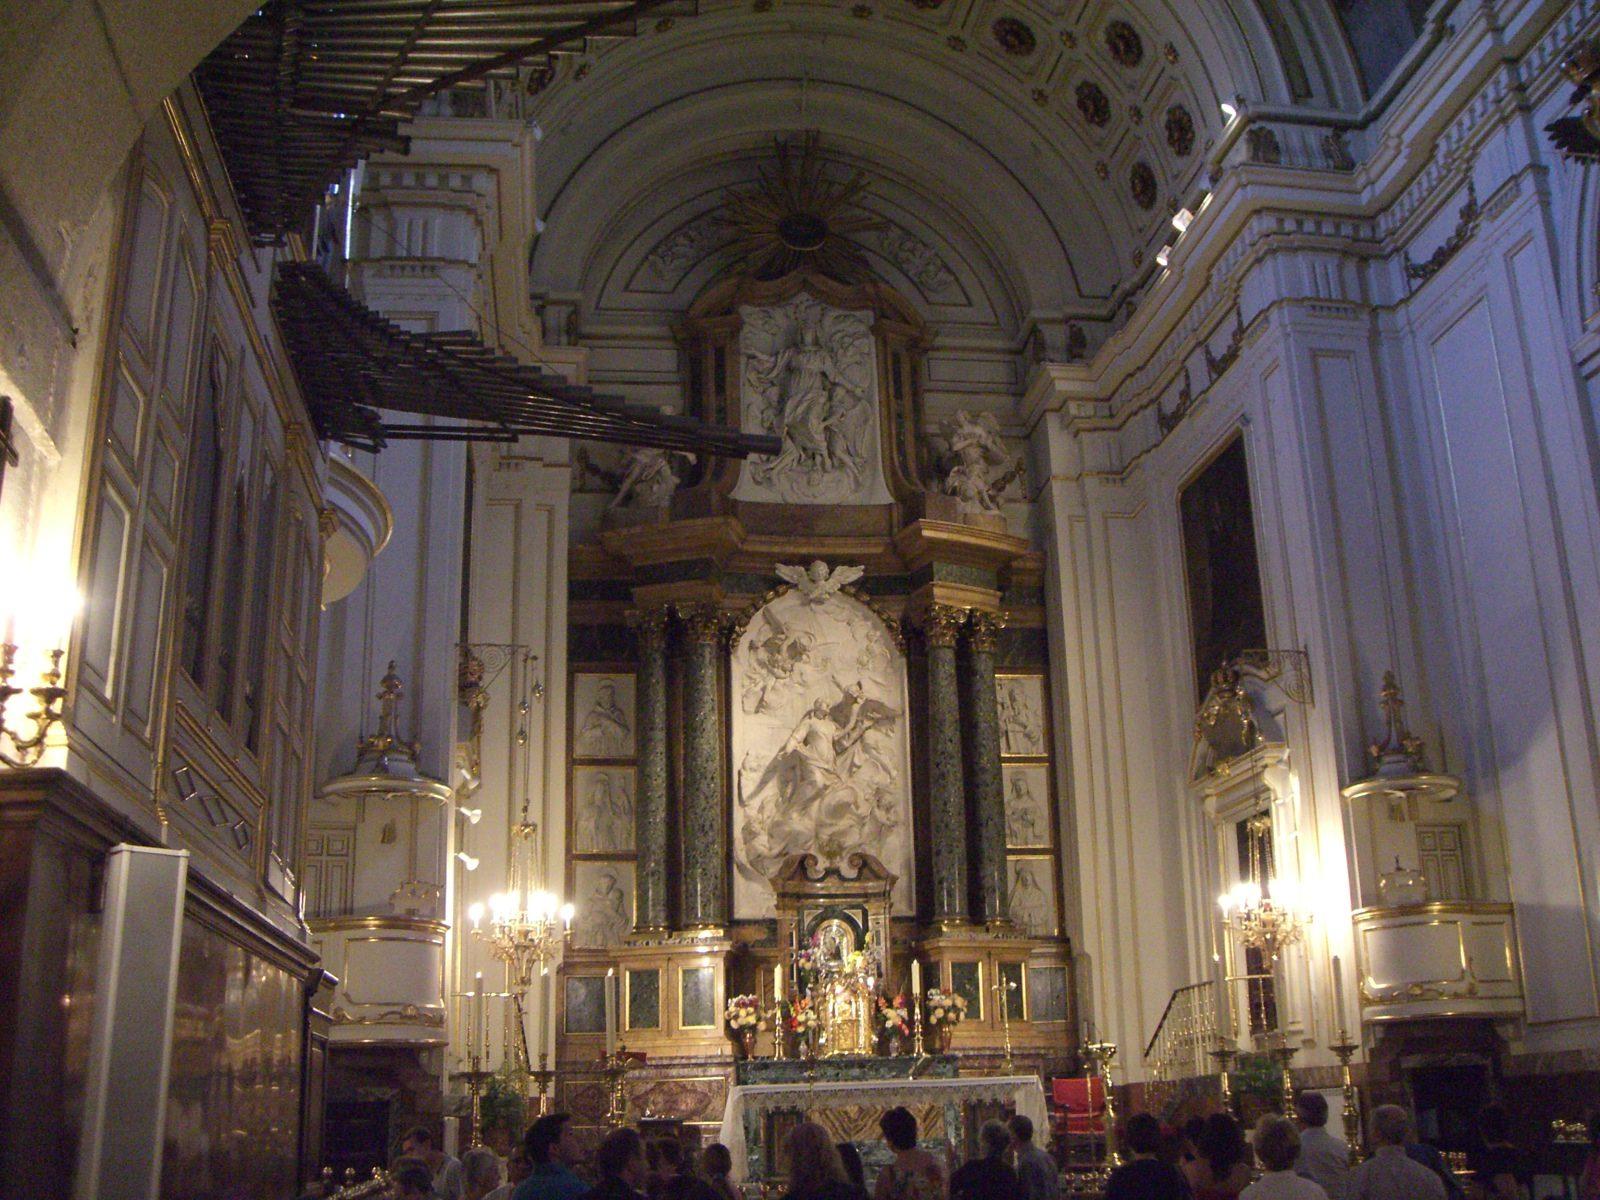 Внутреннее убранство монастырской церкви, фото Alejandro